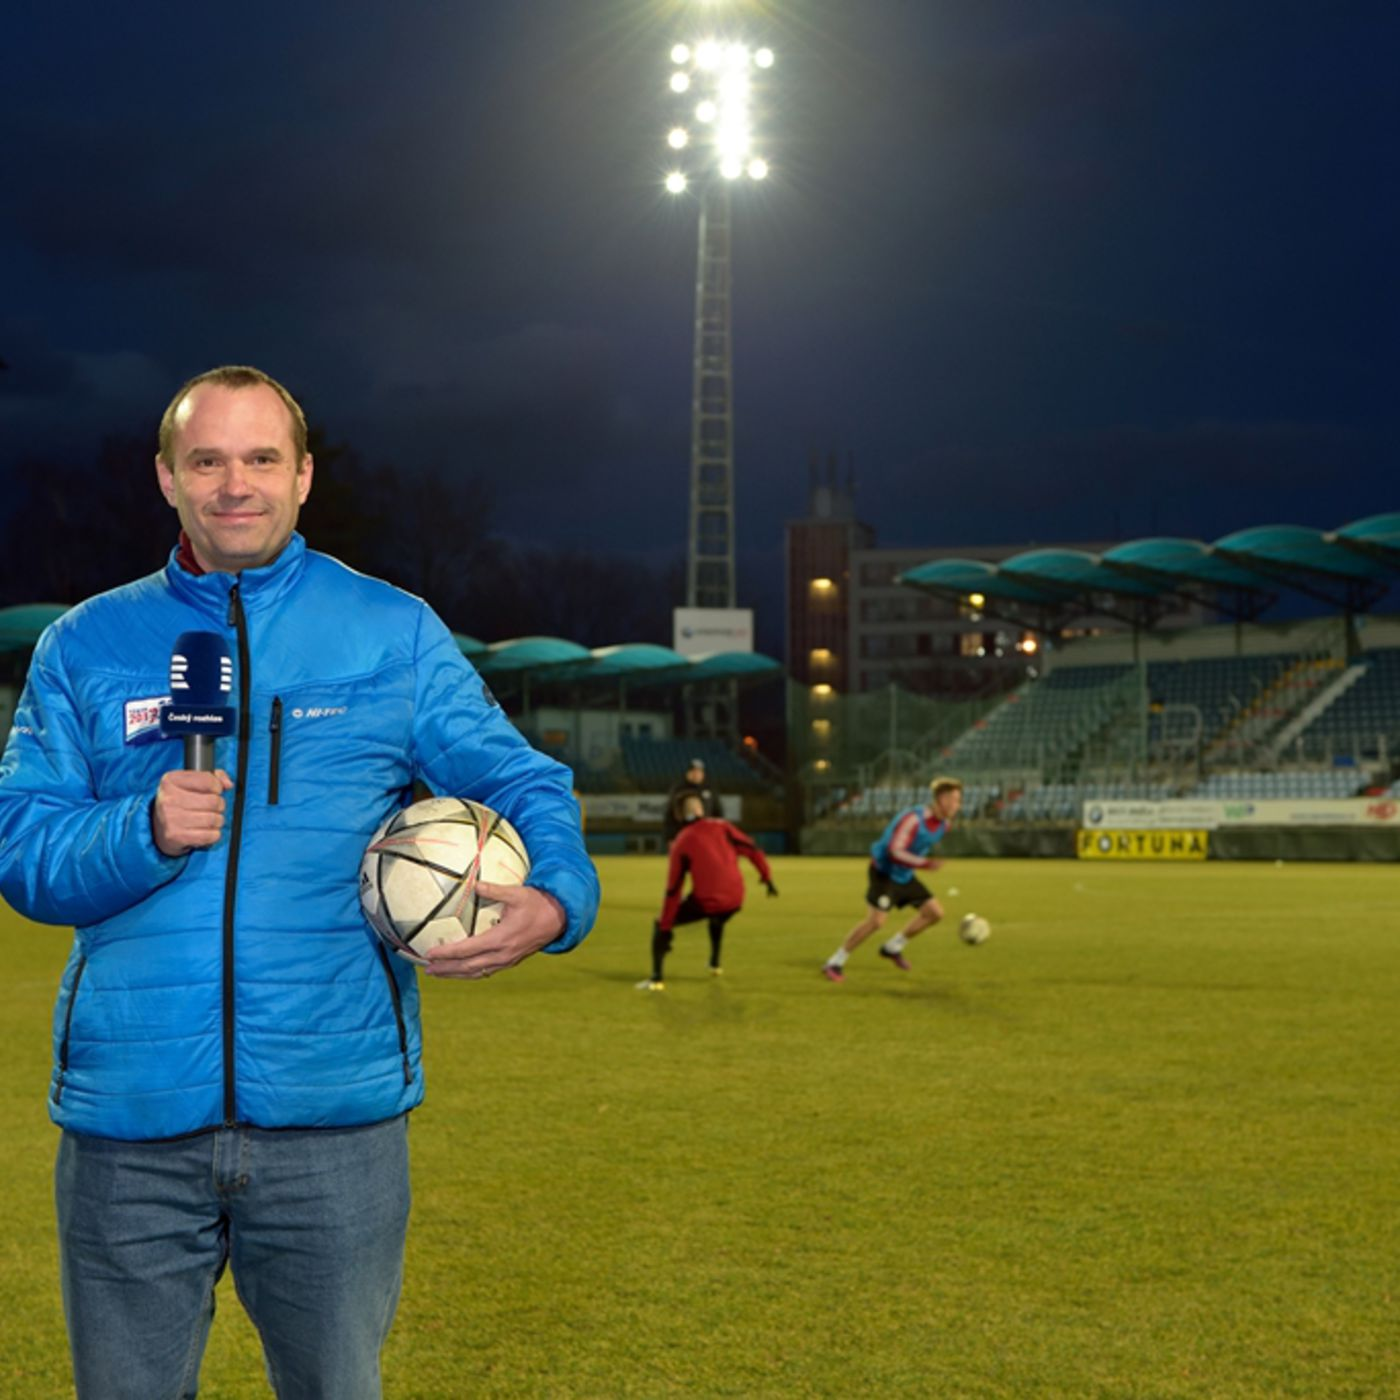 Českobudějovický Motor vstoupil do nové sezóny s novým kapitánem. Stal se jím obránce Pavel Pýcha